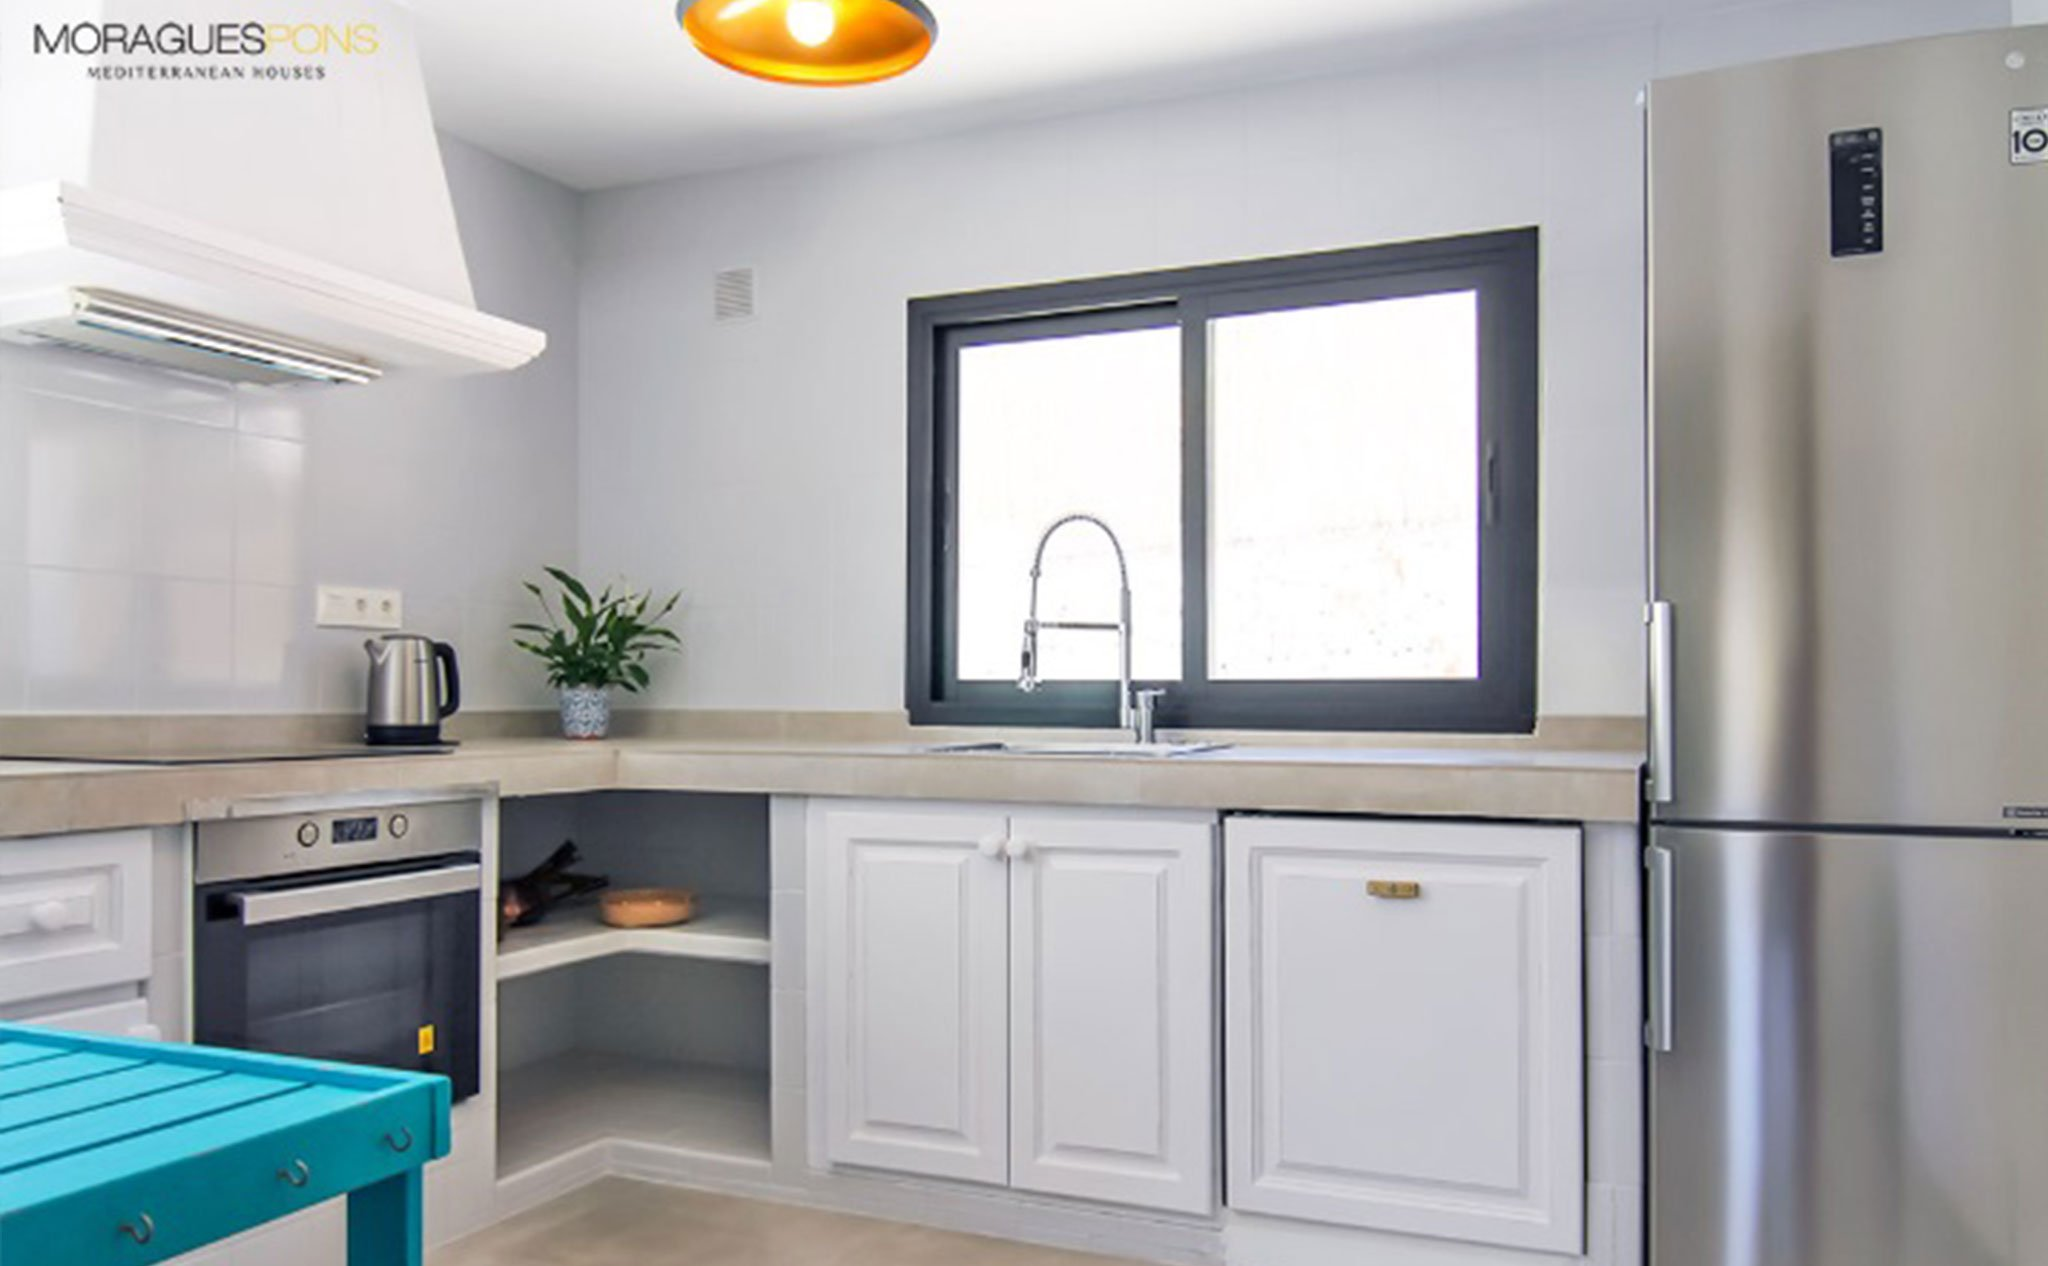 Cocina de una casa en venta o alquiler en Jávea – MORAGUESPONS Mediterranean Houses